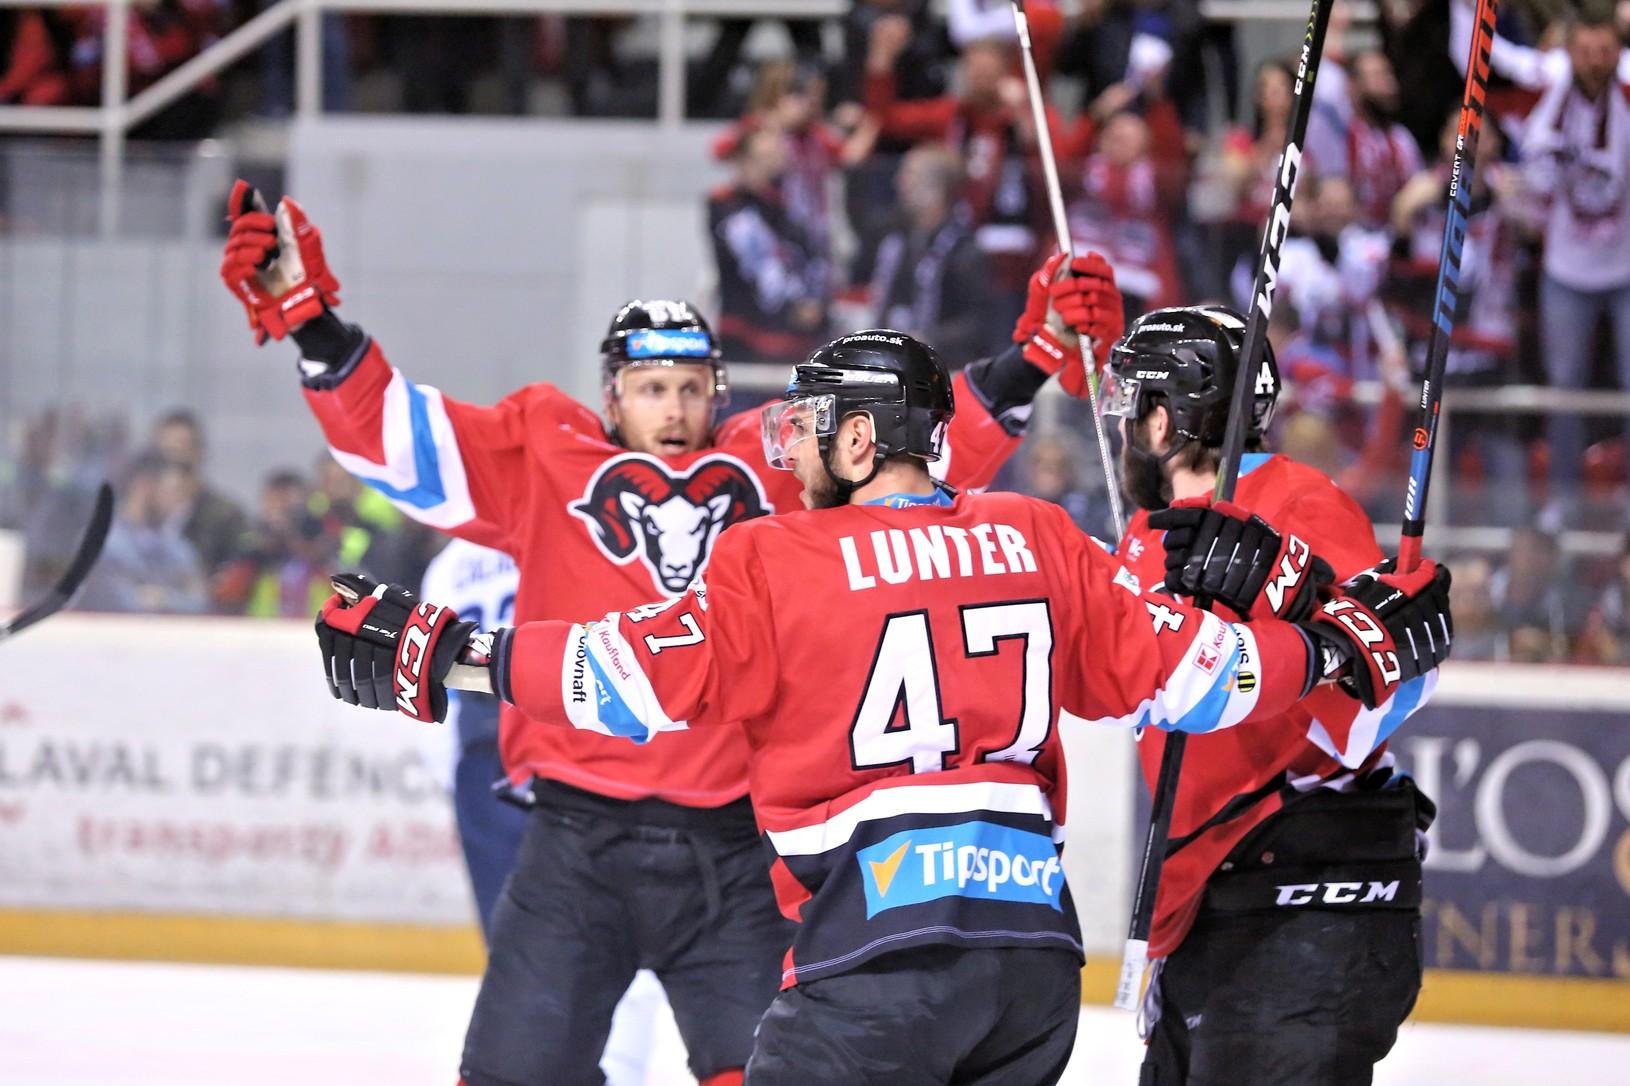 Radosť hráčov HC '05